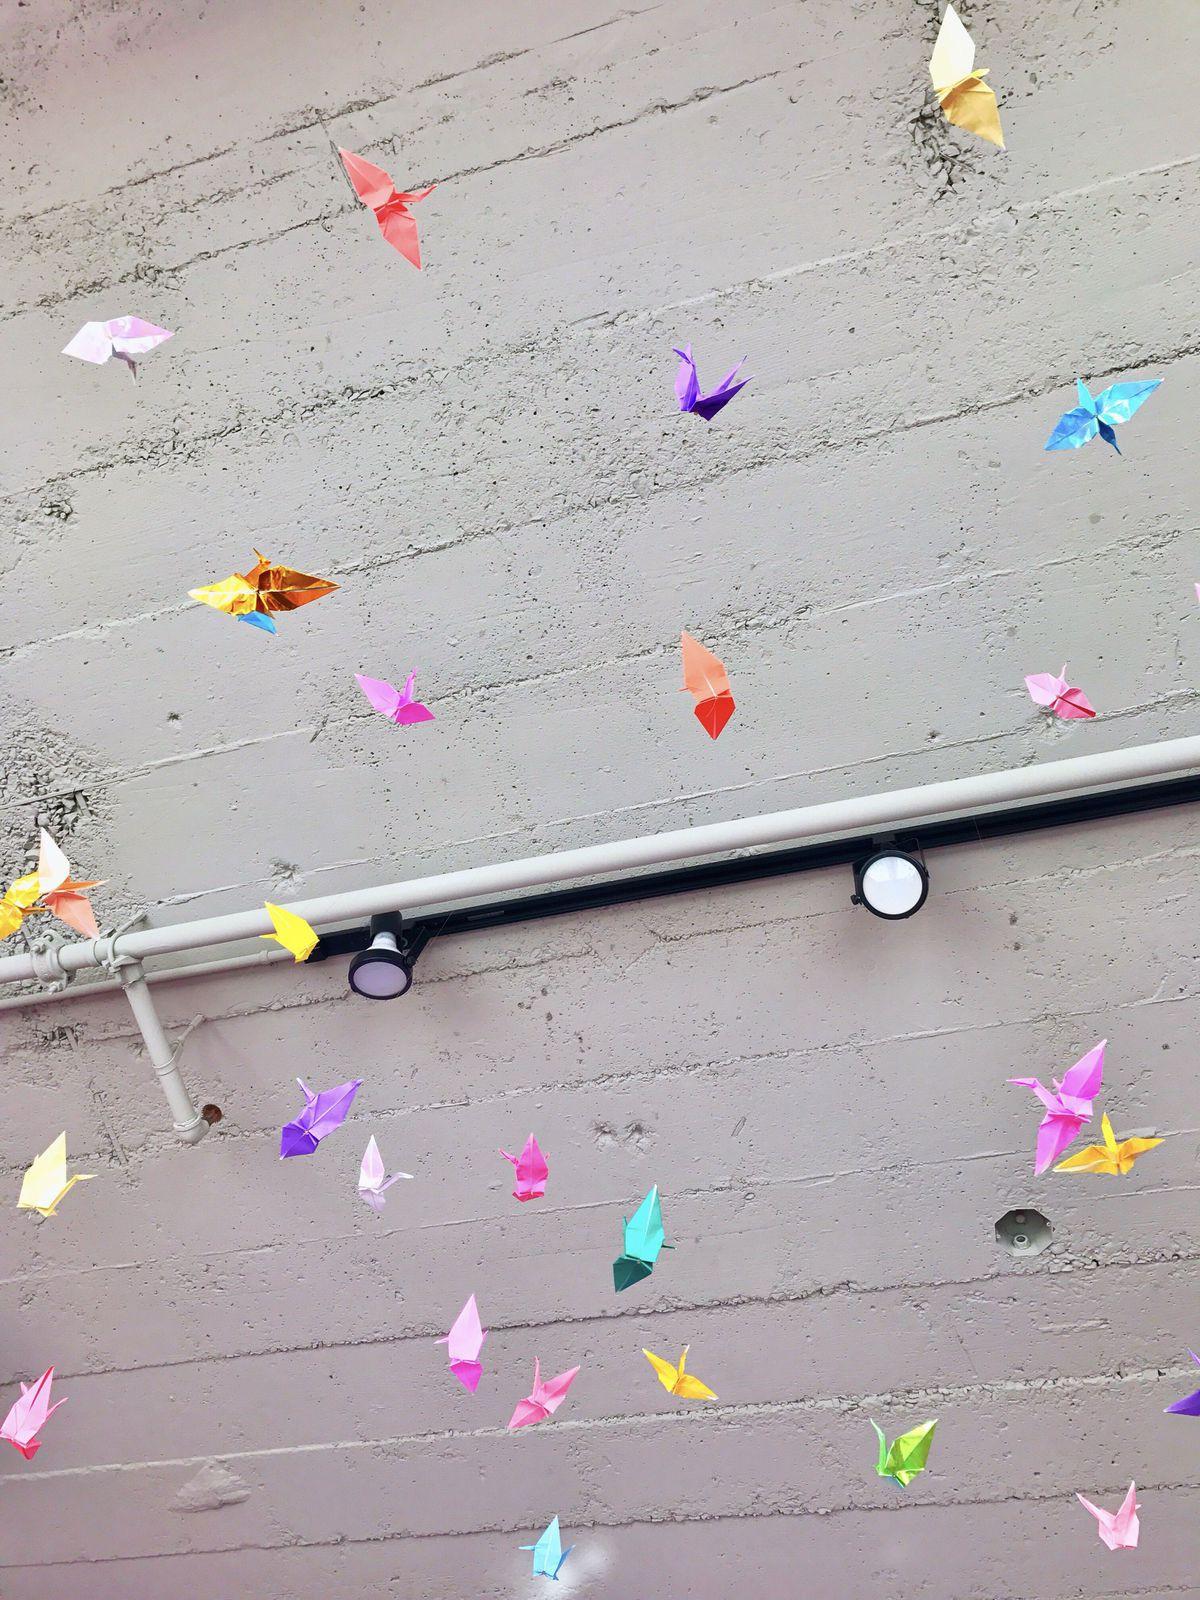 Lấy cầu vồng làm ý tưởng trang trí nhà, căn hộ nhỏ 35m² của cô gái trẻ đang gây sốt trên Instagram - Ảnh 14.